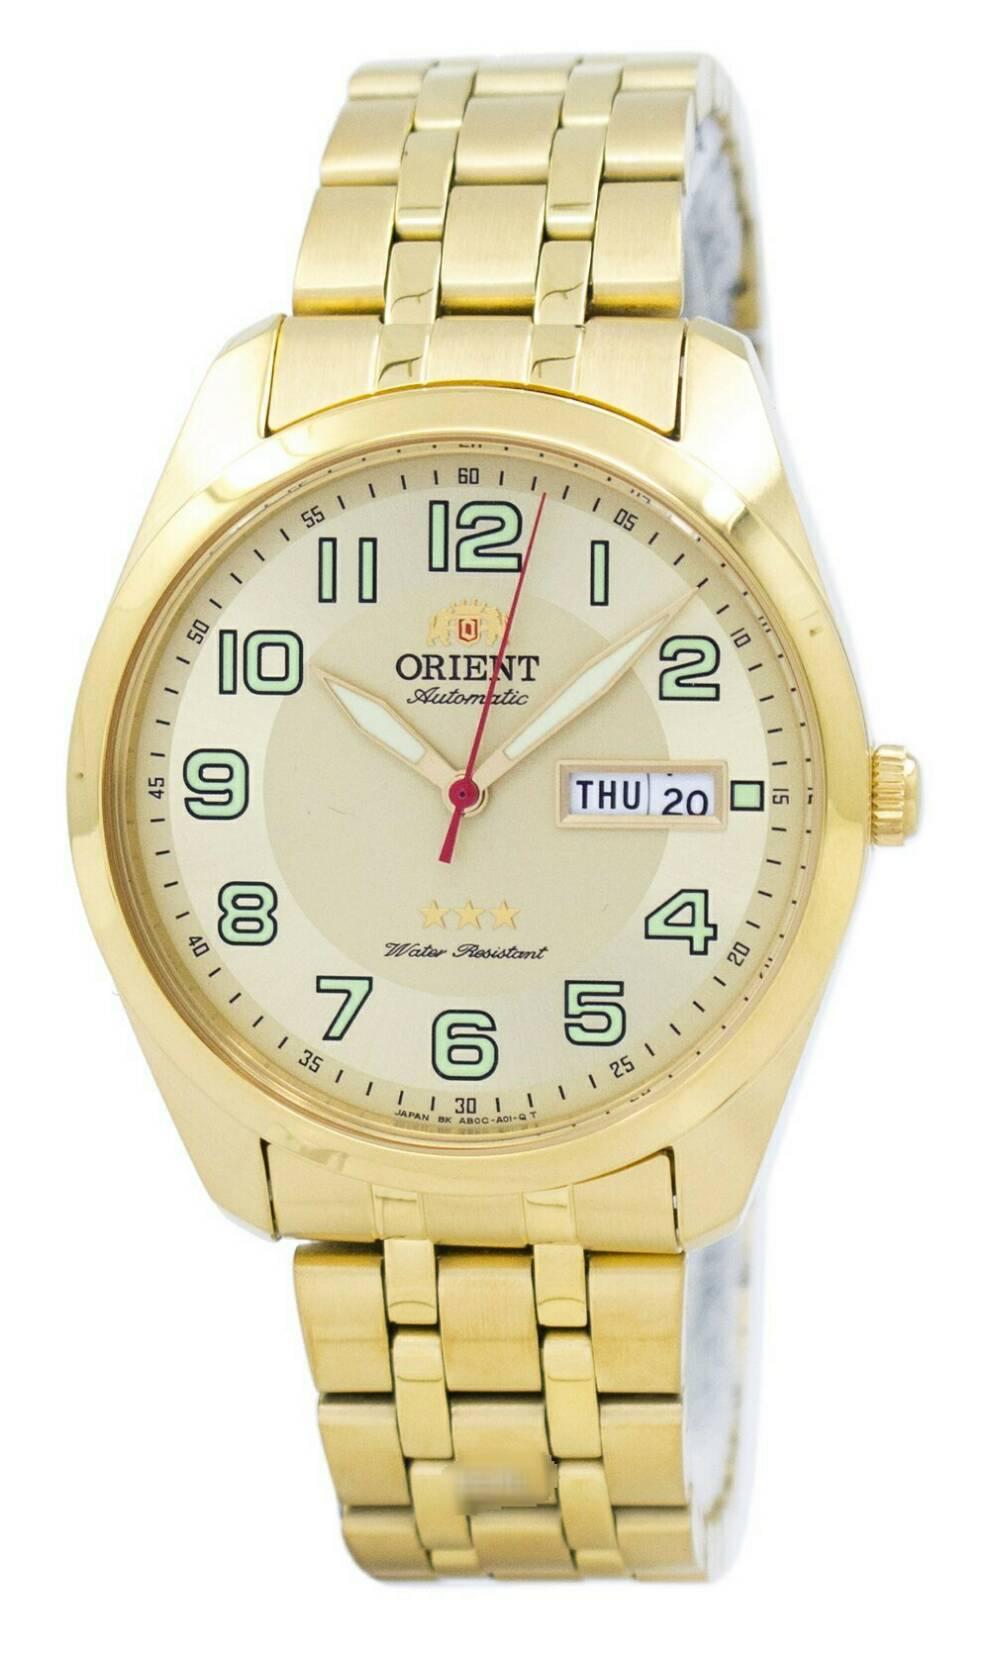 นาฬิกาผู้ชาย Orient รุ่น SAB0C005C9, Automatic Men's Watch